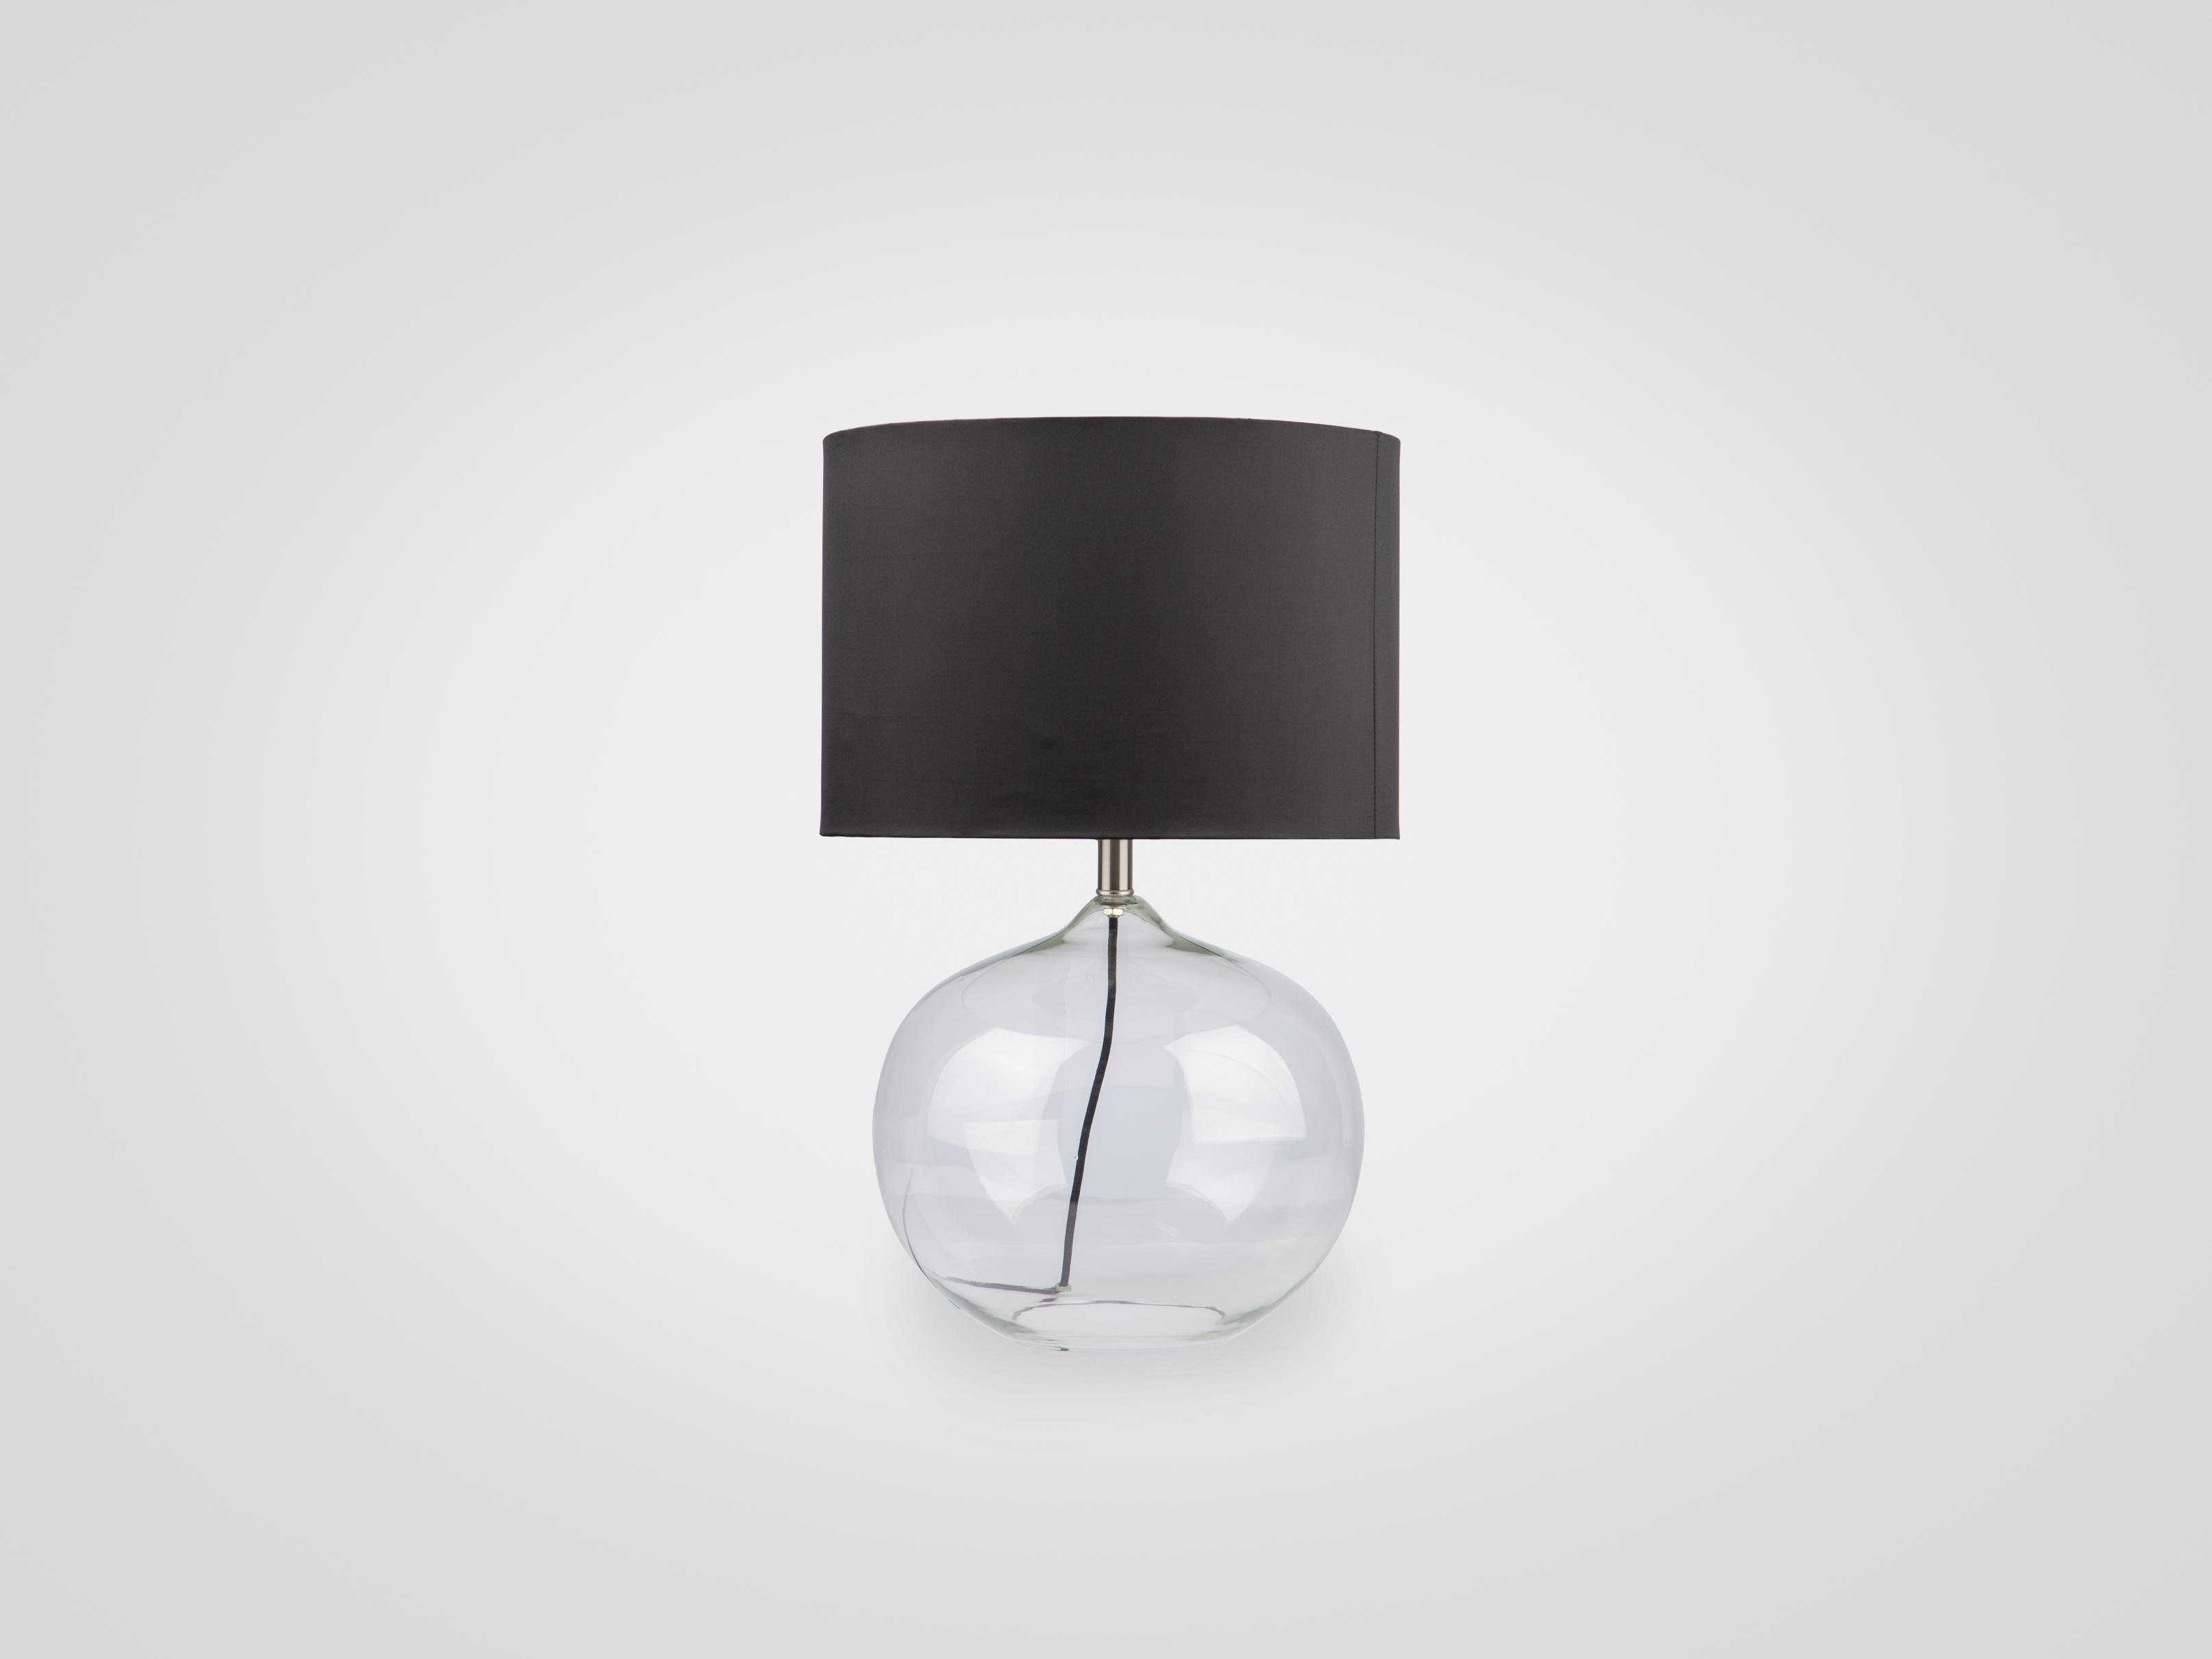 Купить Лампа настольная на ножке из прозрачного стекла с черным абажуром, inmyroom, Китай